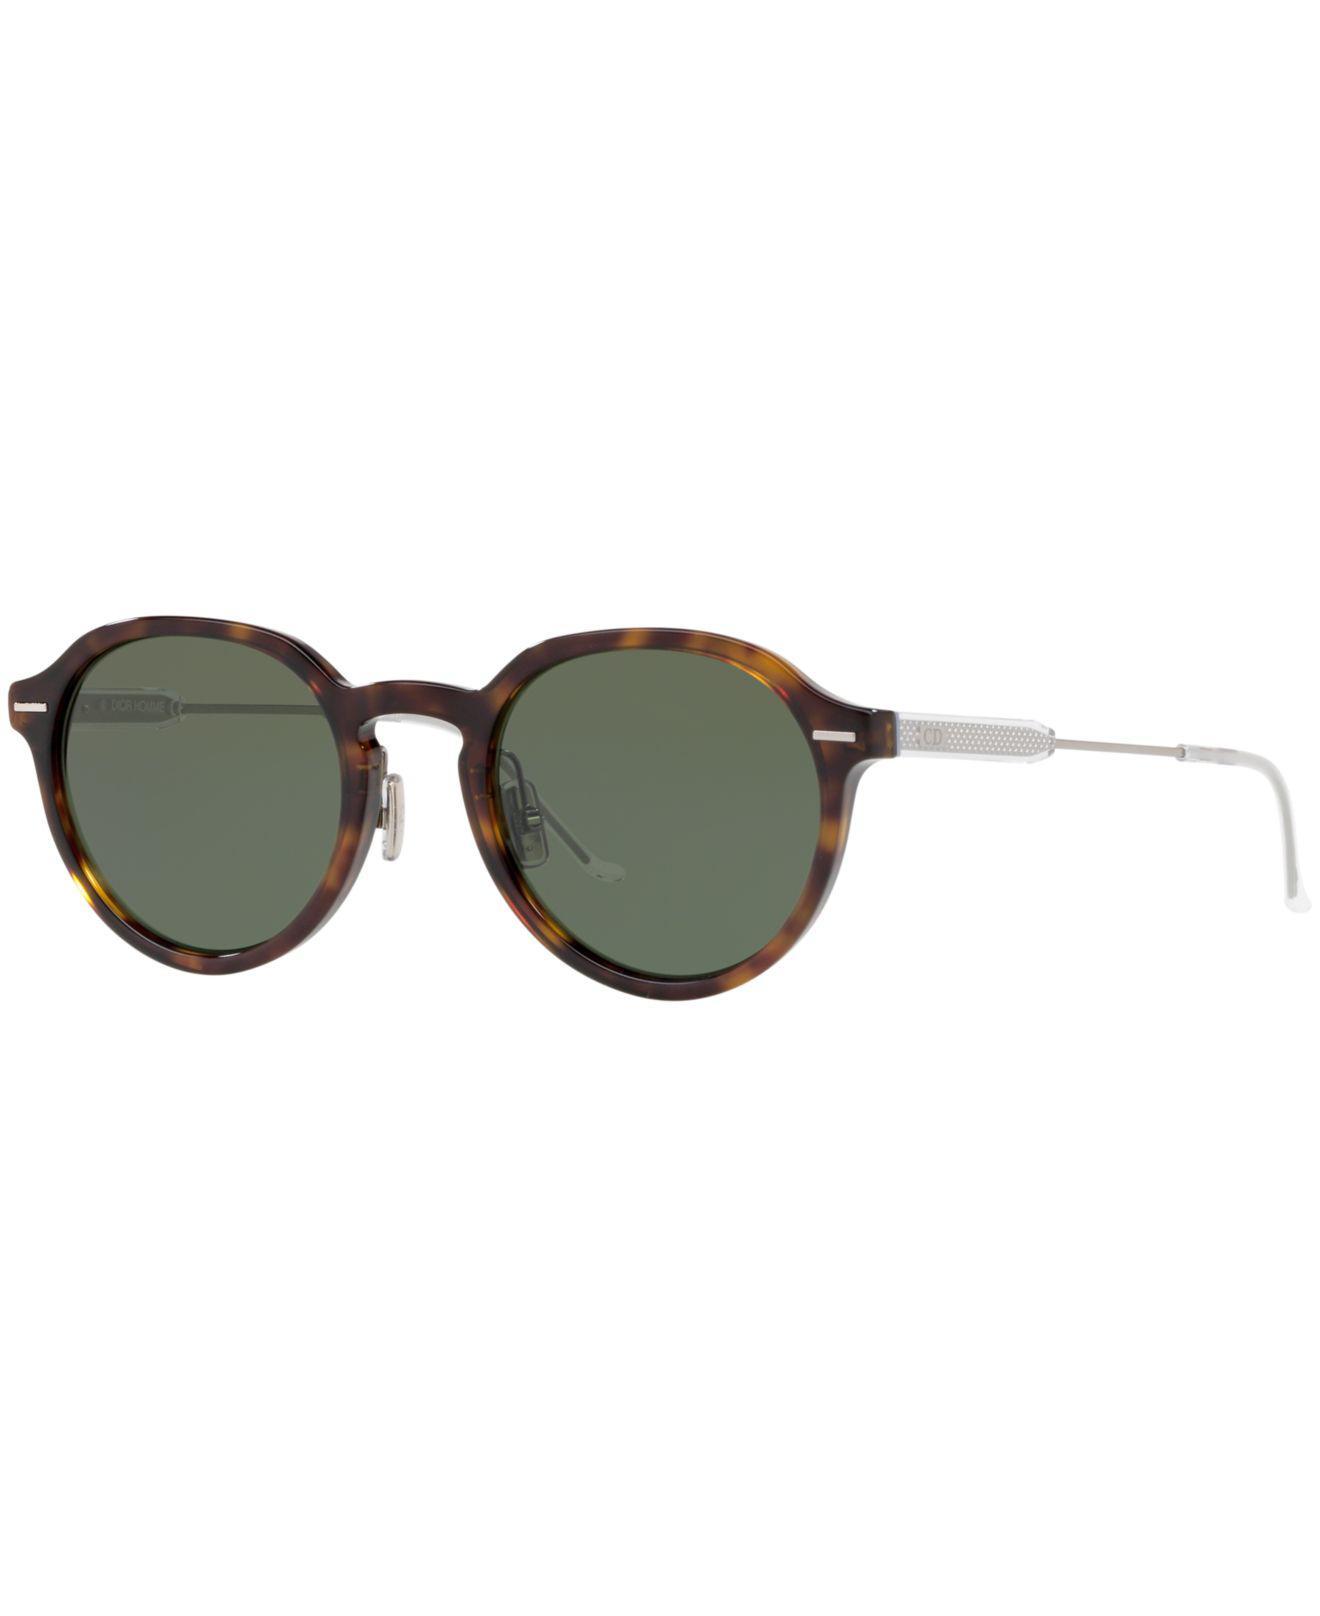 e1c5804e30f4 Lyst - Dior Cd000961 in Green for Men